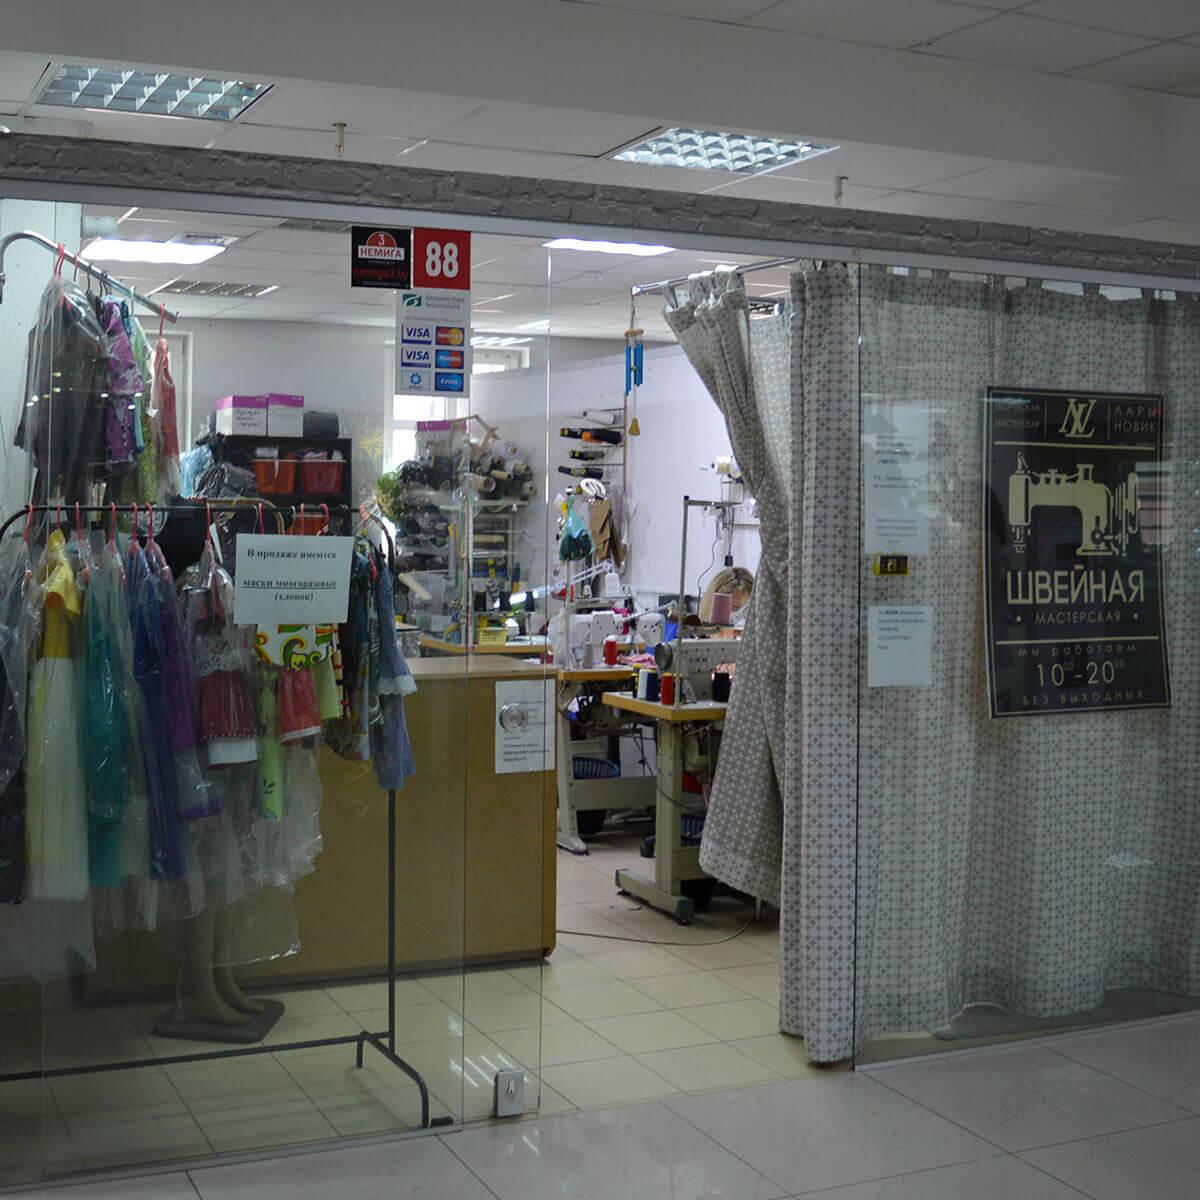 Швейная мастерская Лары Новик и ремонт одежды -  2-й этаж Торгового Центра 8